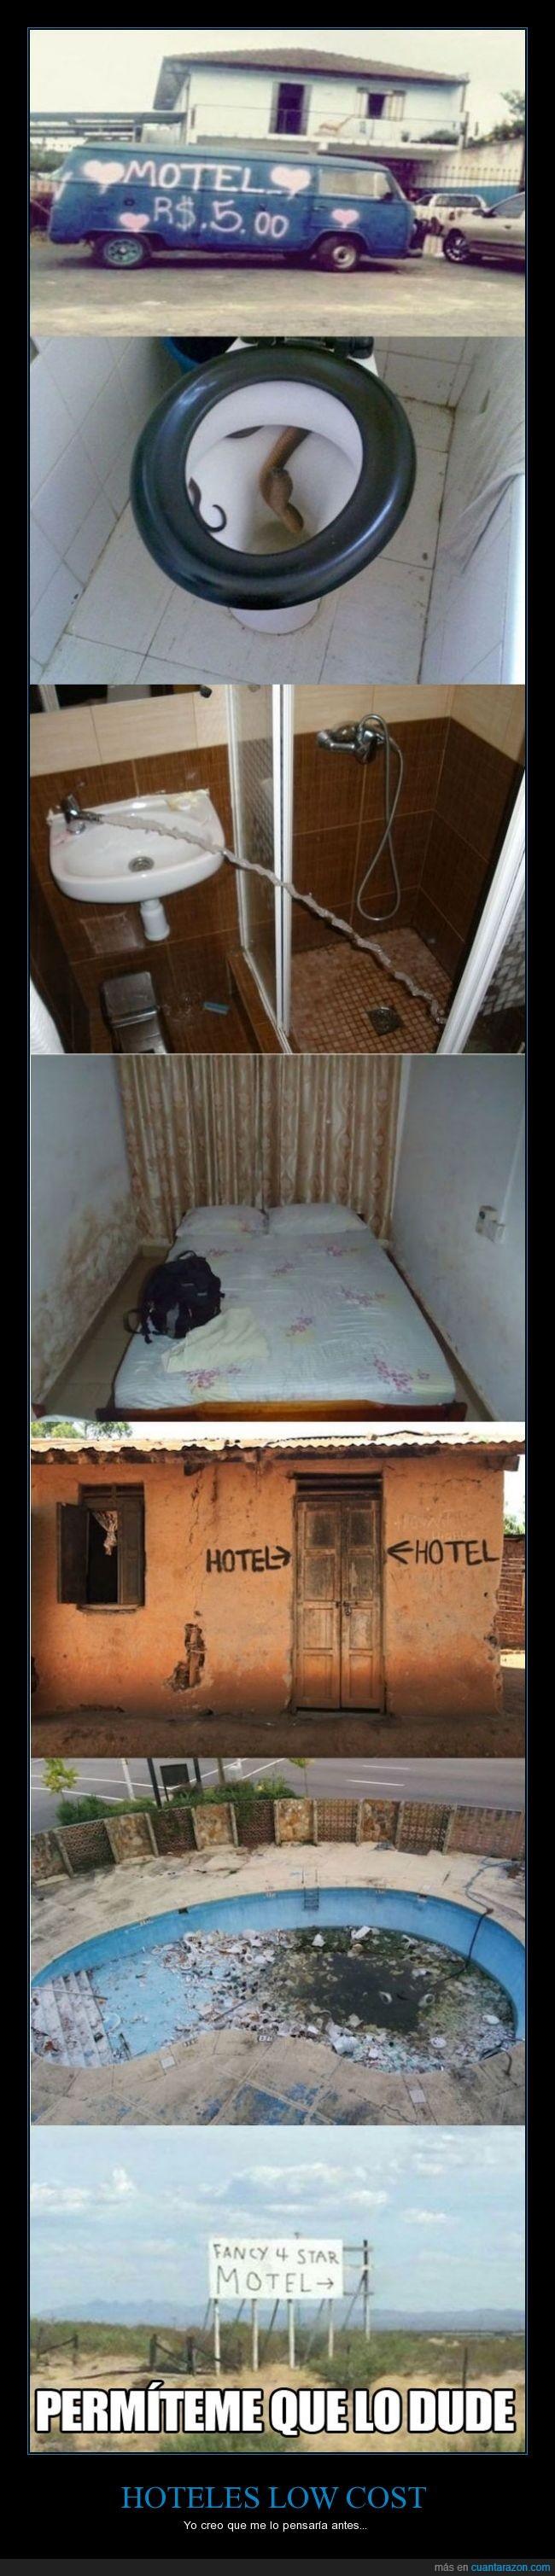 bajo costo,hotel,low cost,que es lo peor que puede pasar,yo me quedo en cualquiera igual soy pobre